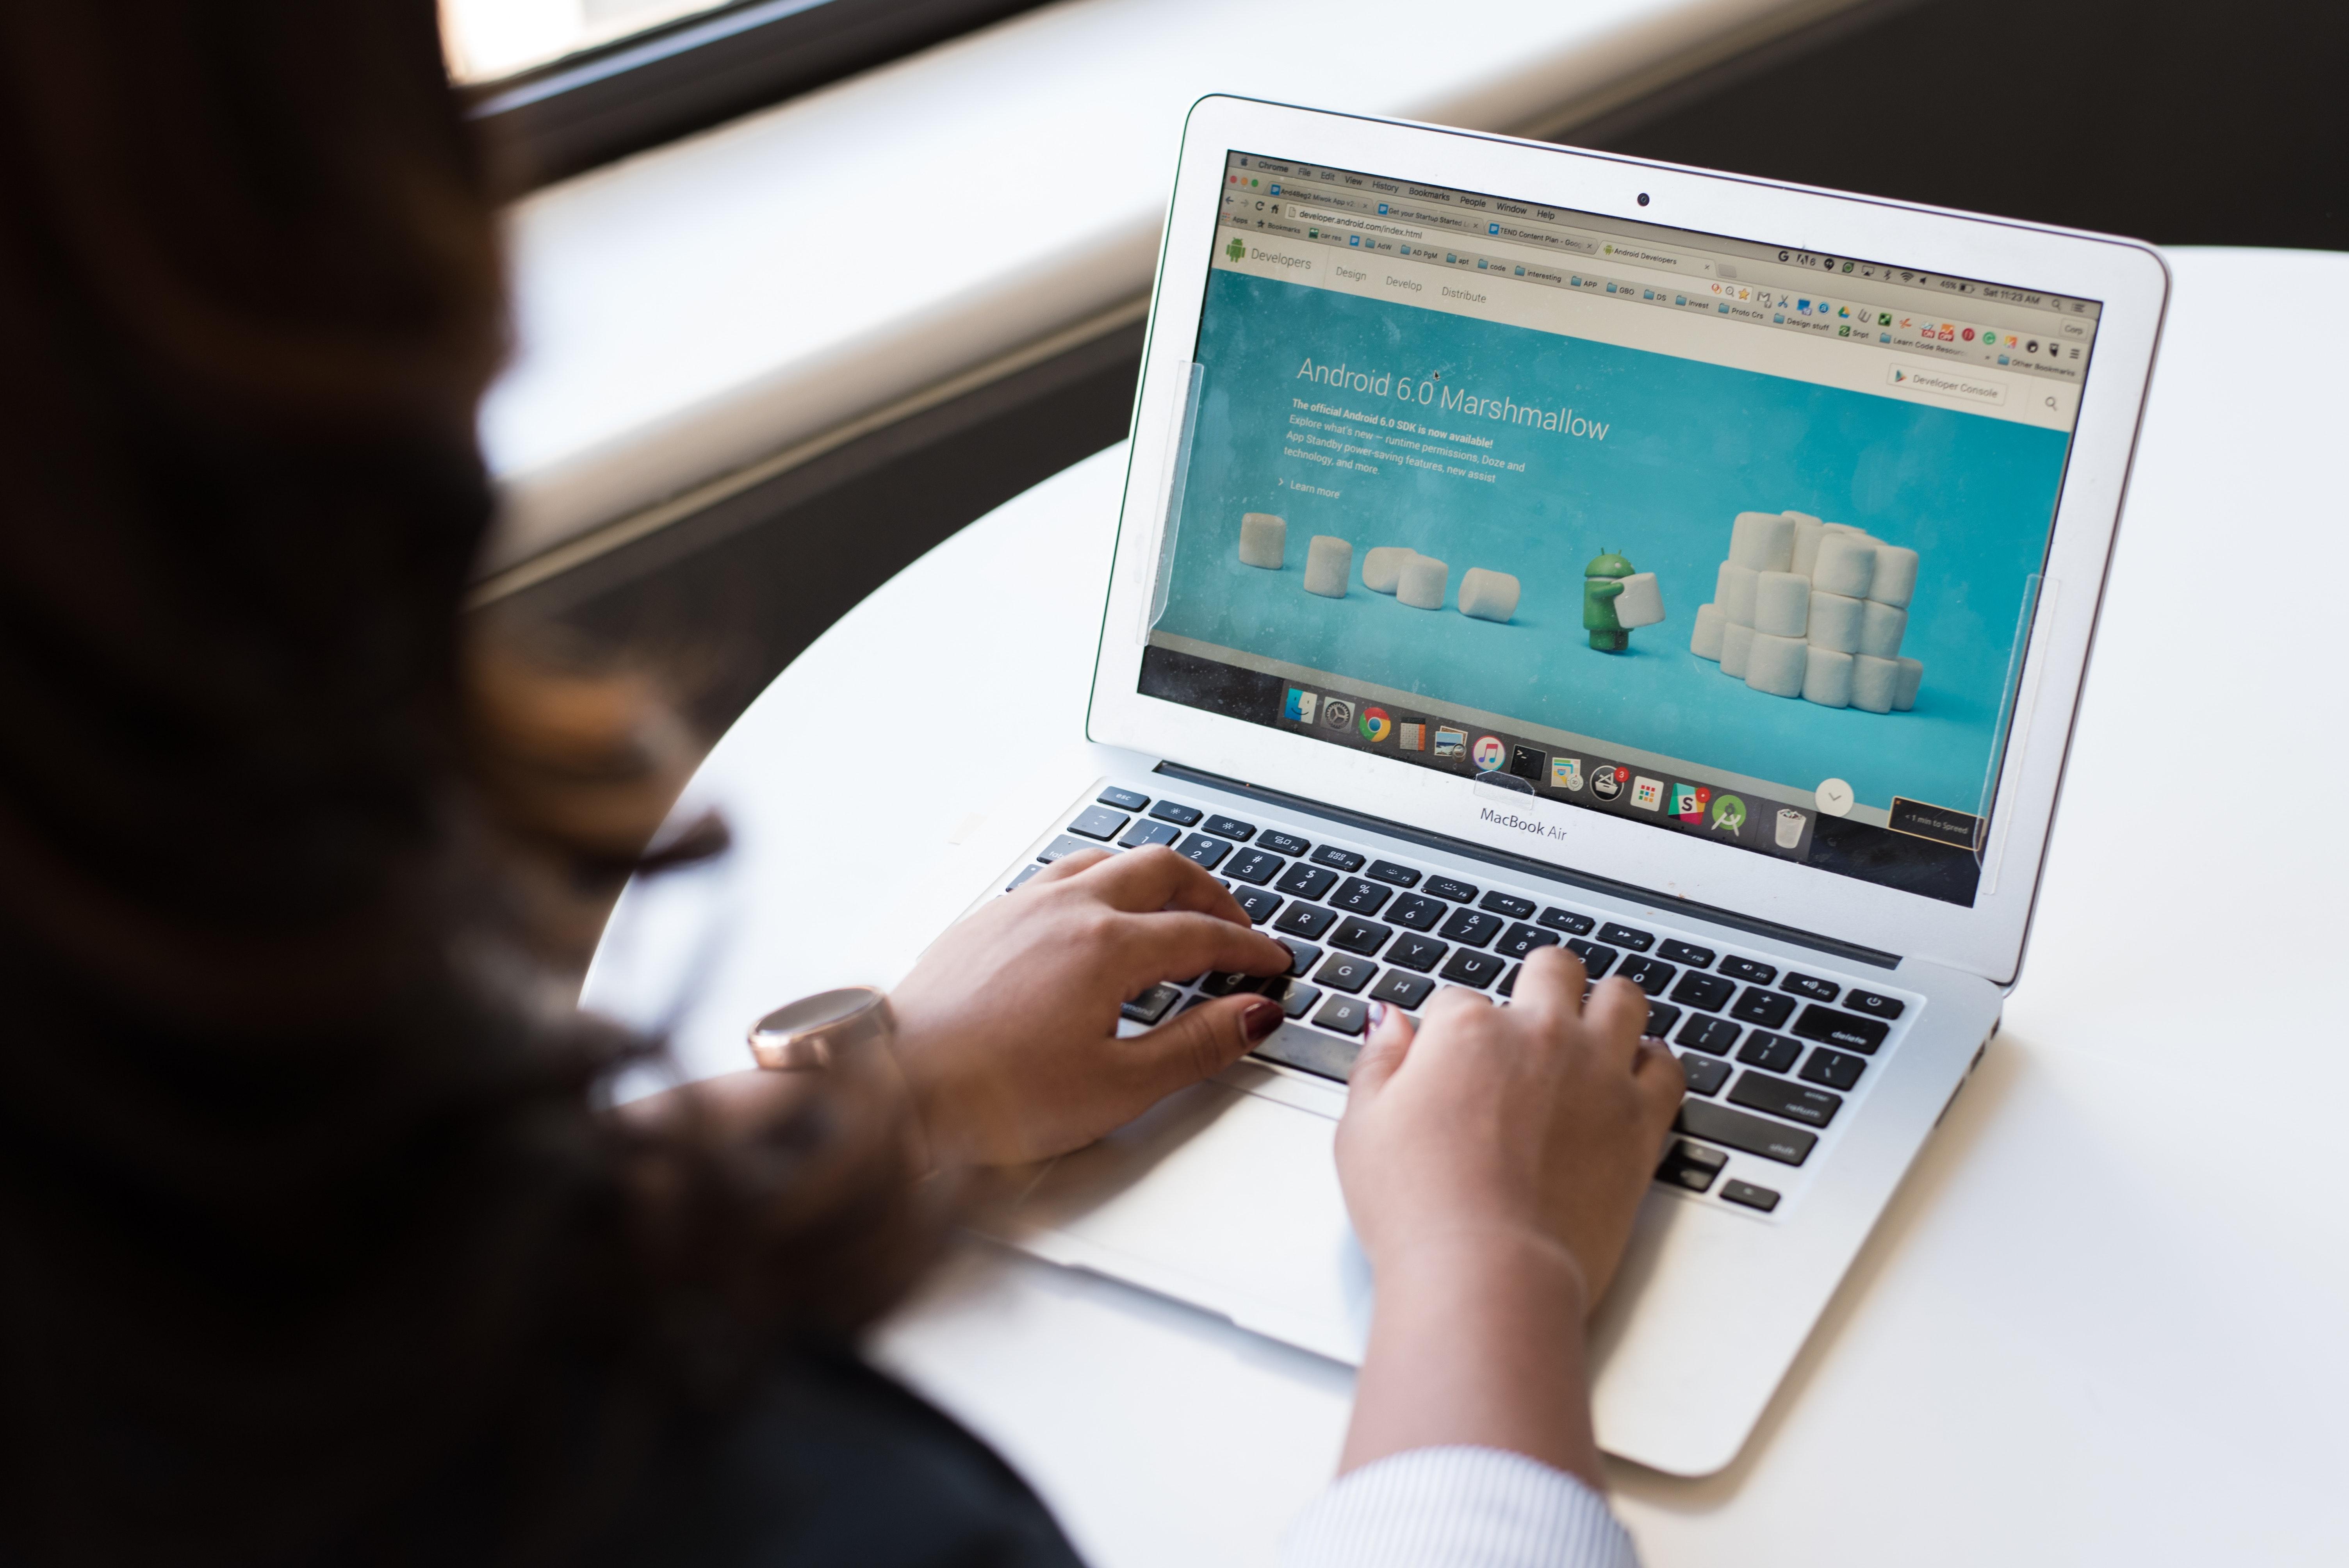 Путеводитель по типичным ошибкам в дизайне интернет-магазинов от организации Baymard Institute